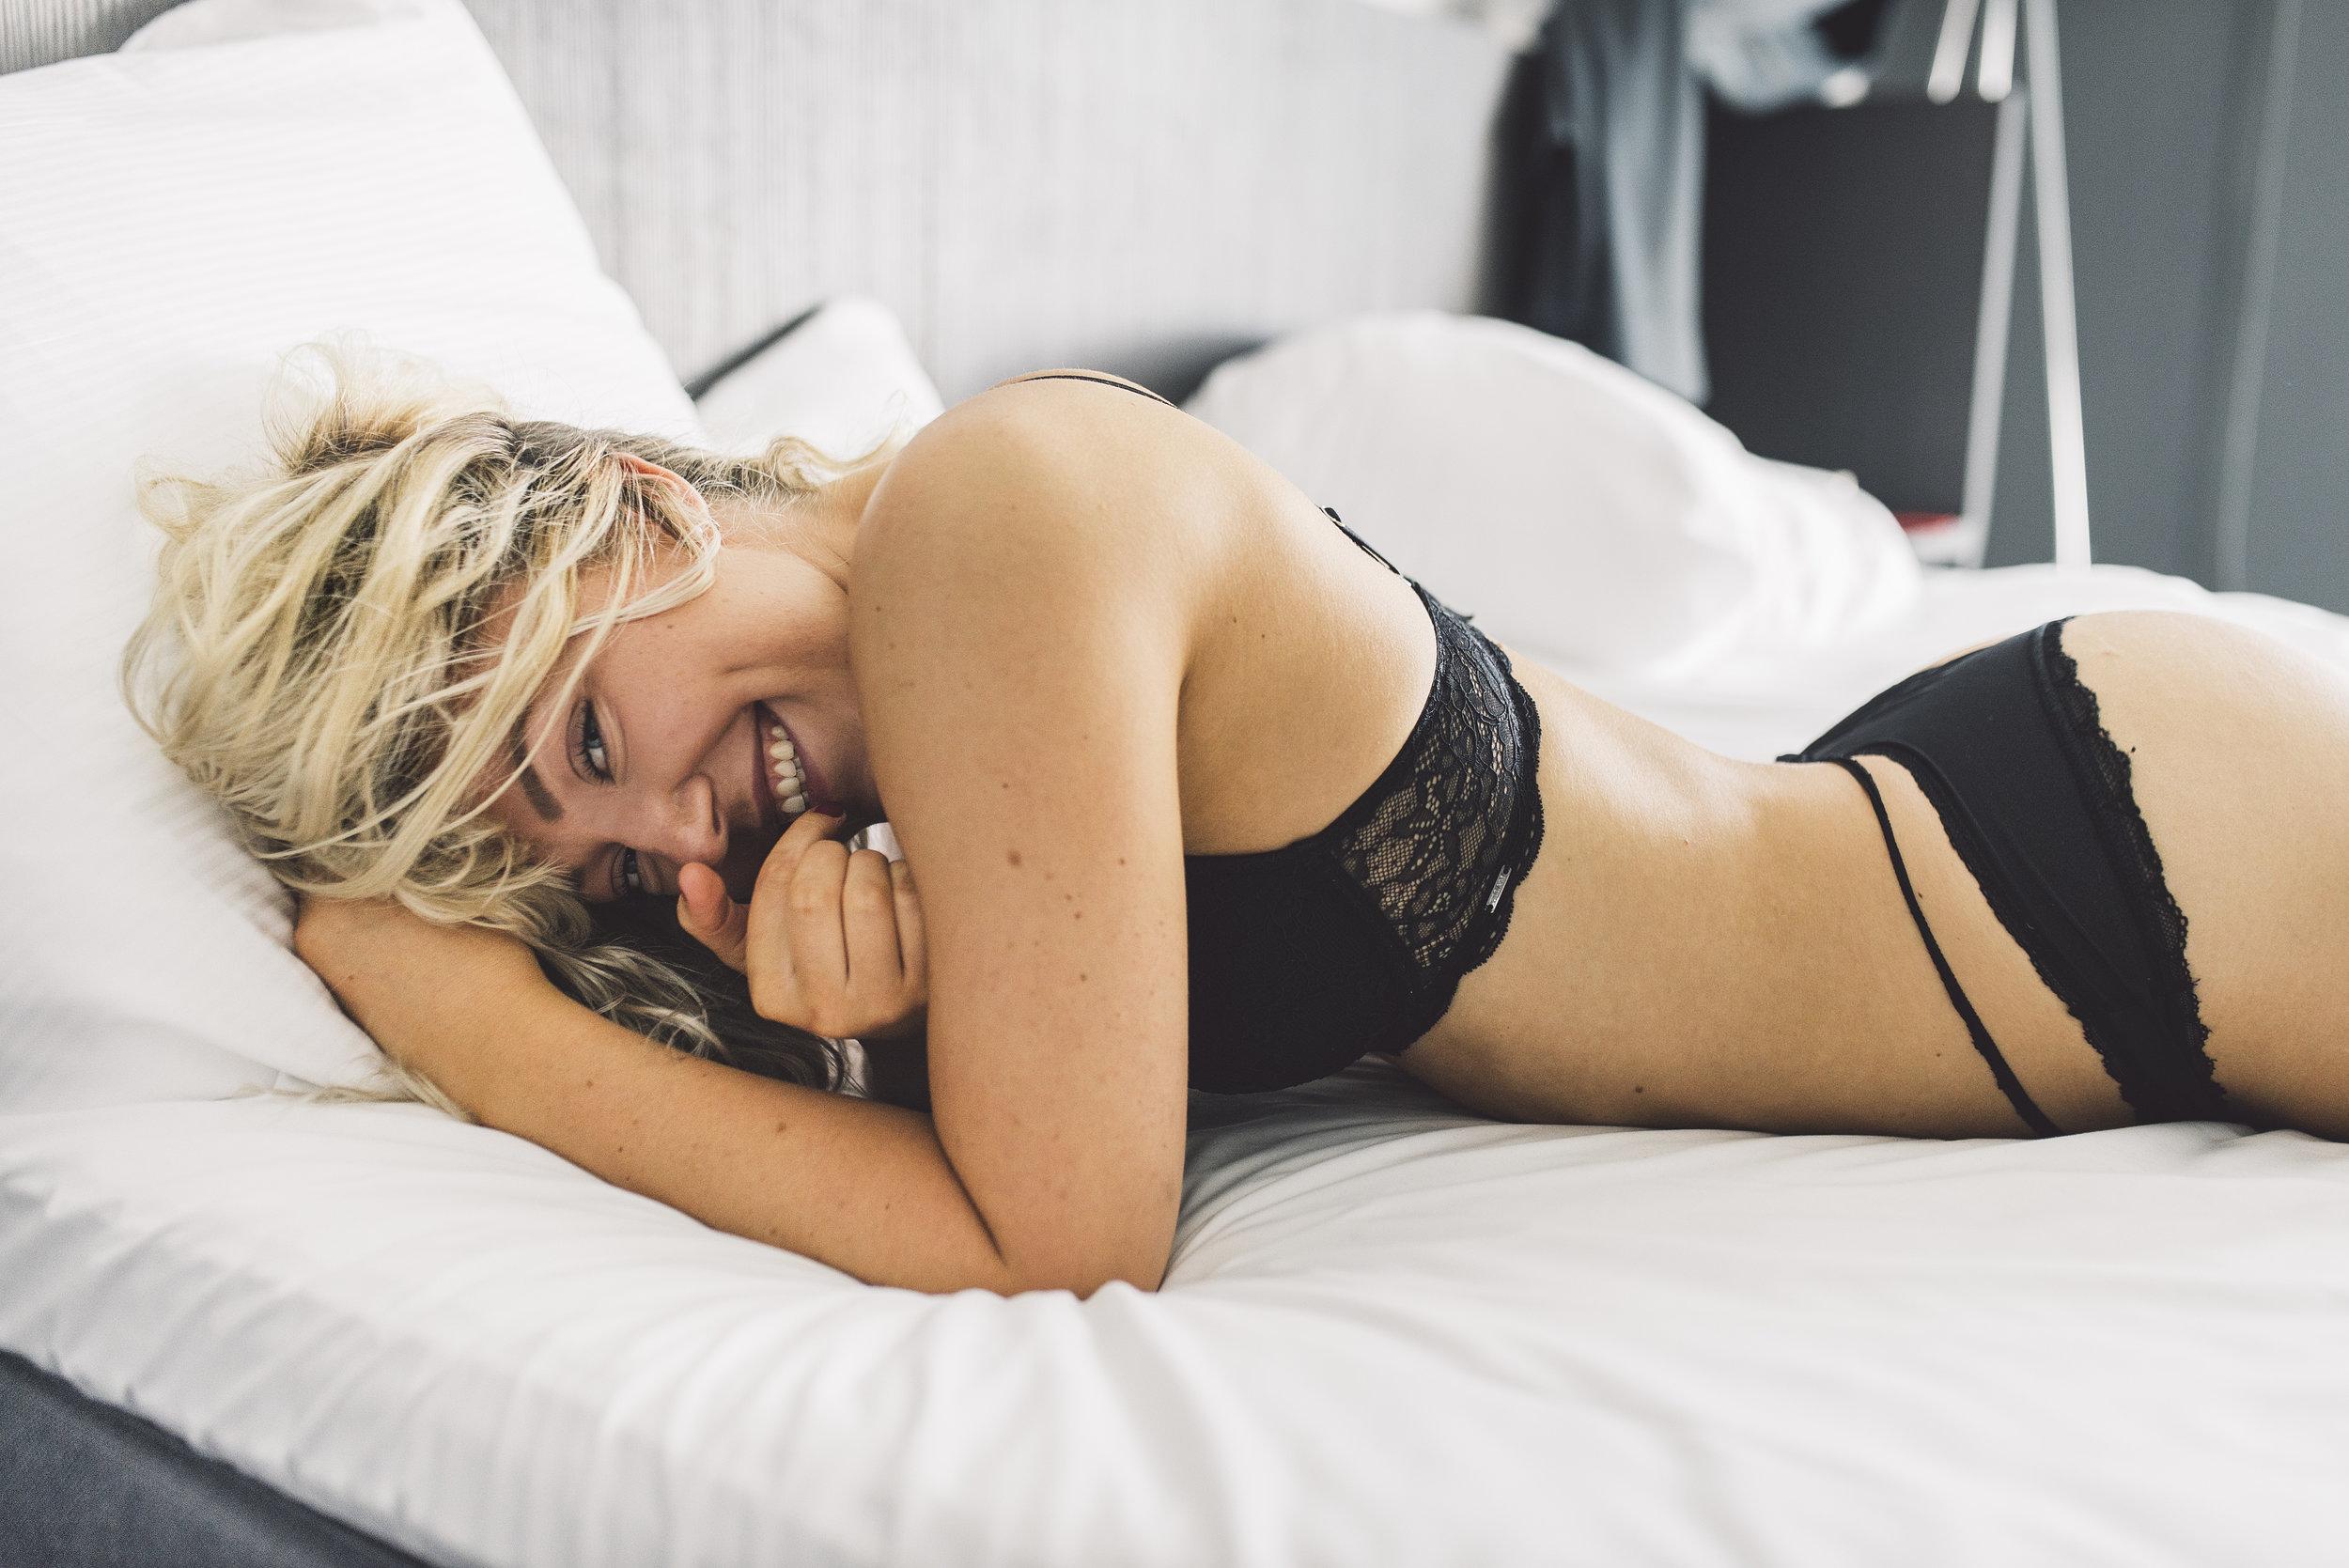 Cecilia Axeland